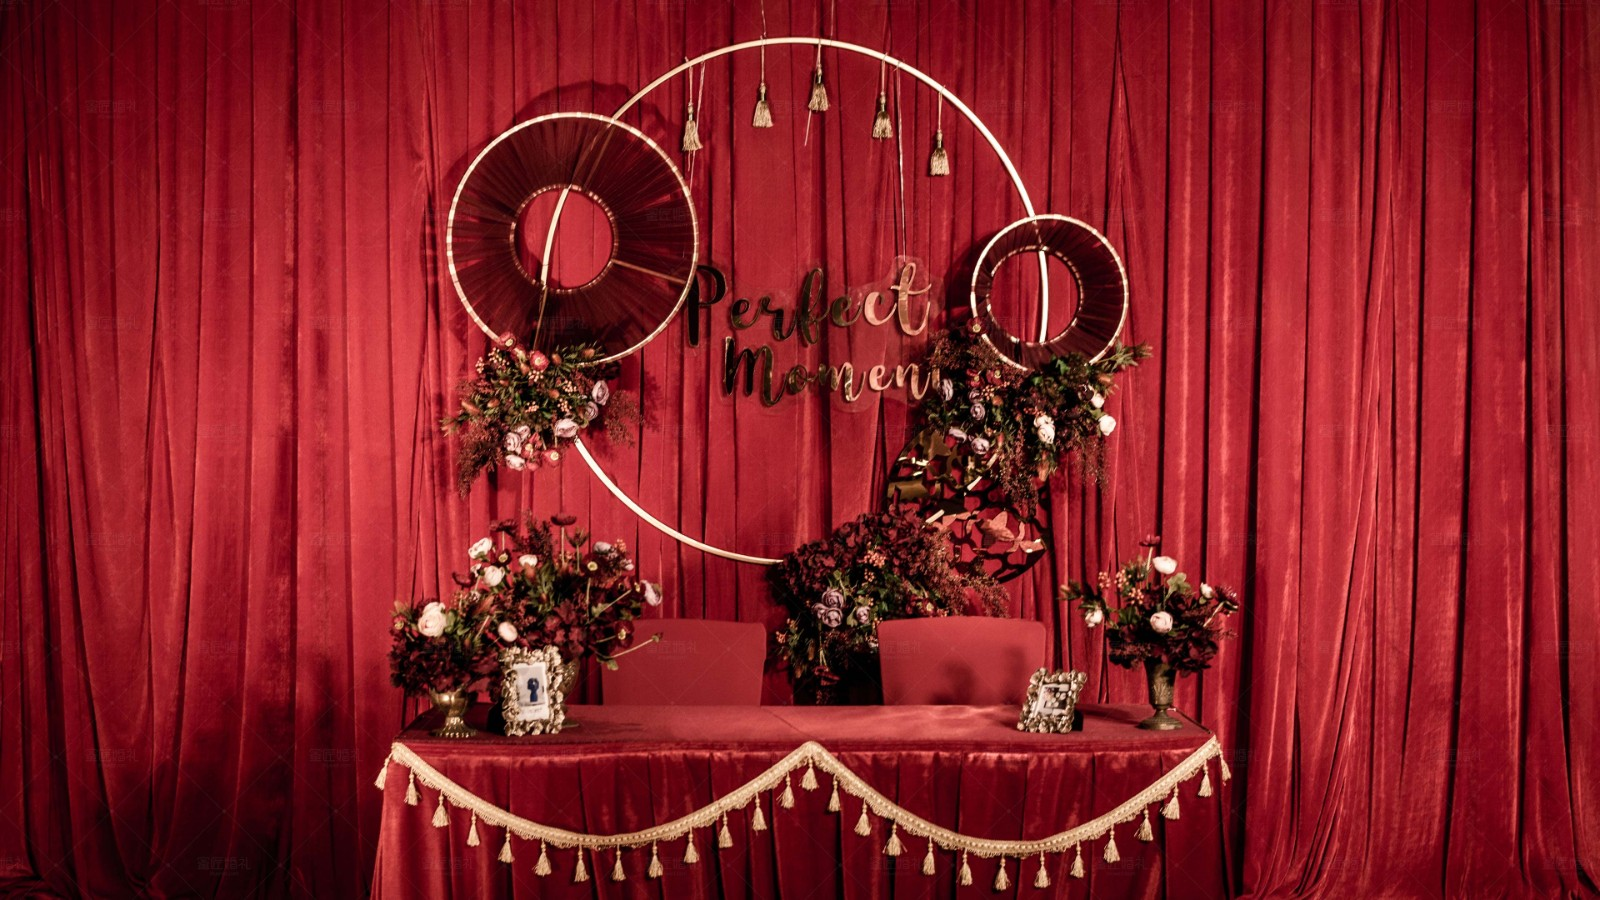 以红色为主的婚礼现场布置 红色系婚礼现场